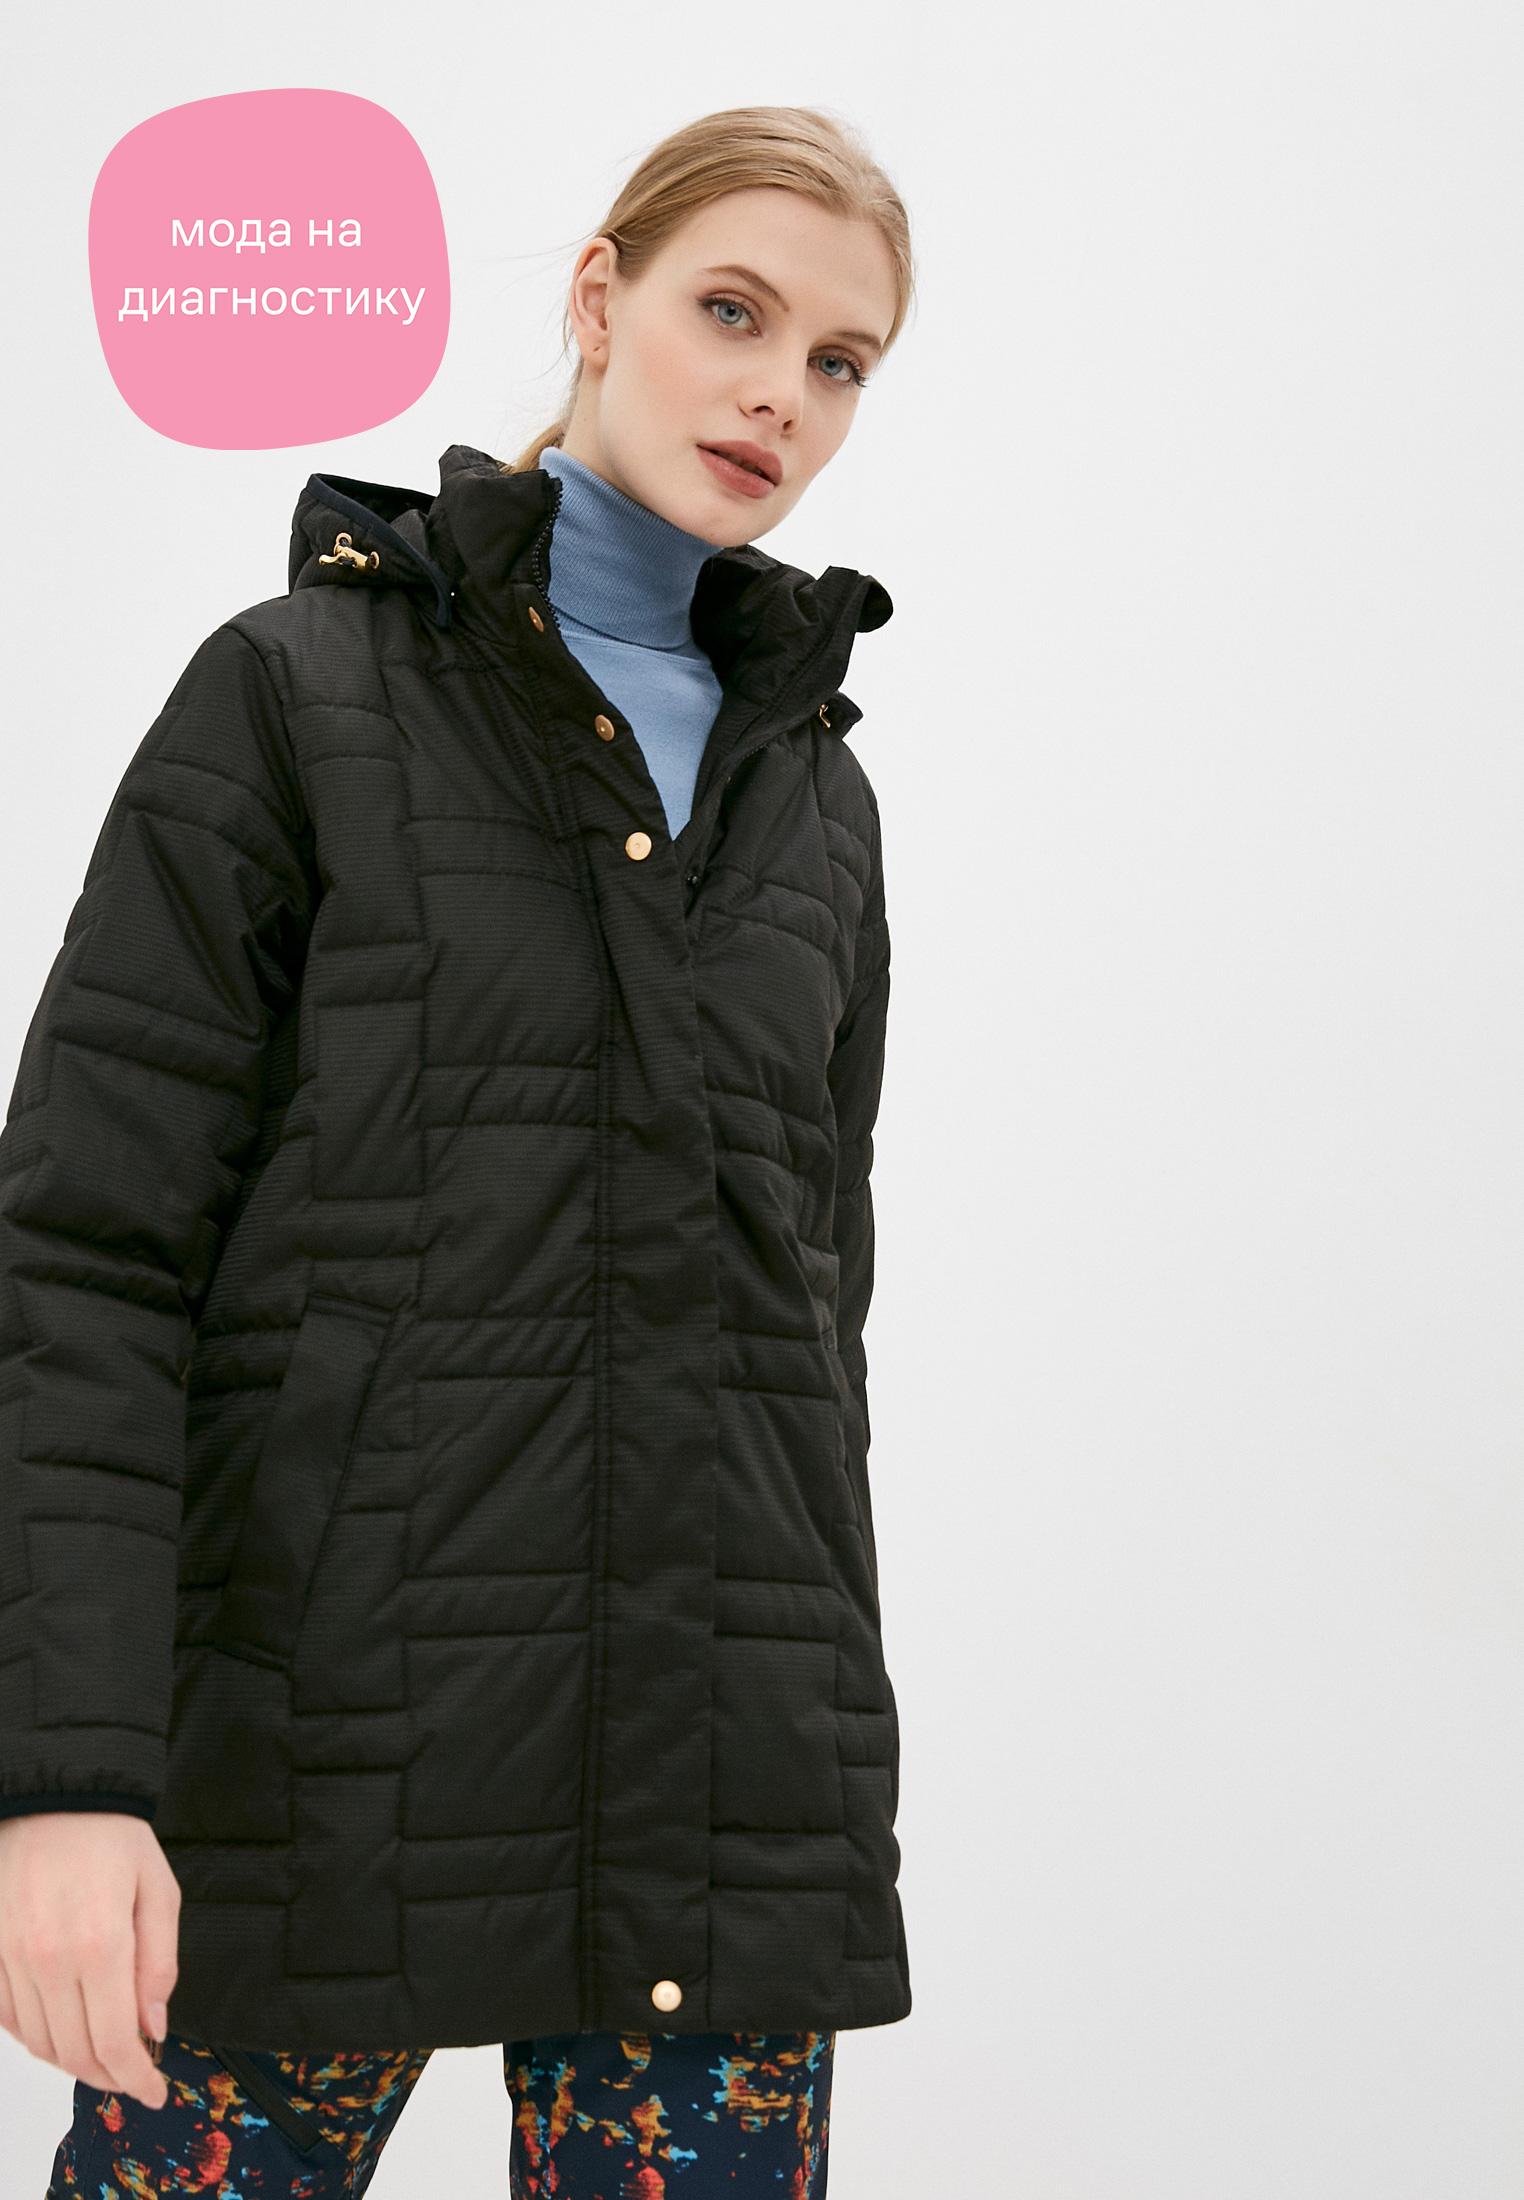 Женская верхняя одежда Torstai 641214022VRU